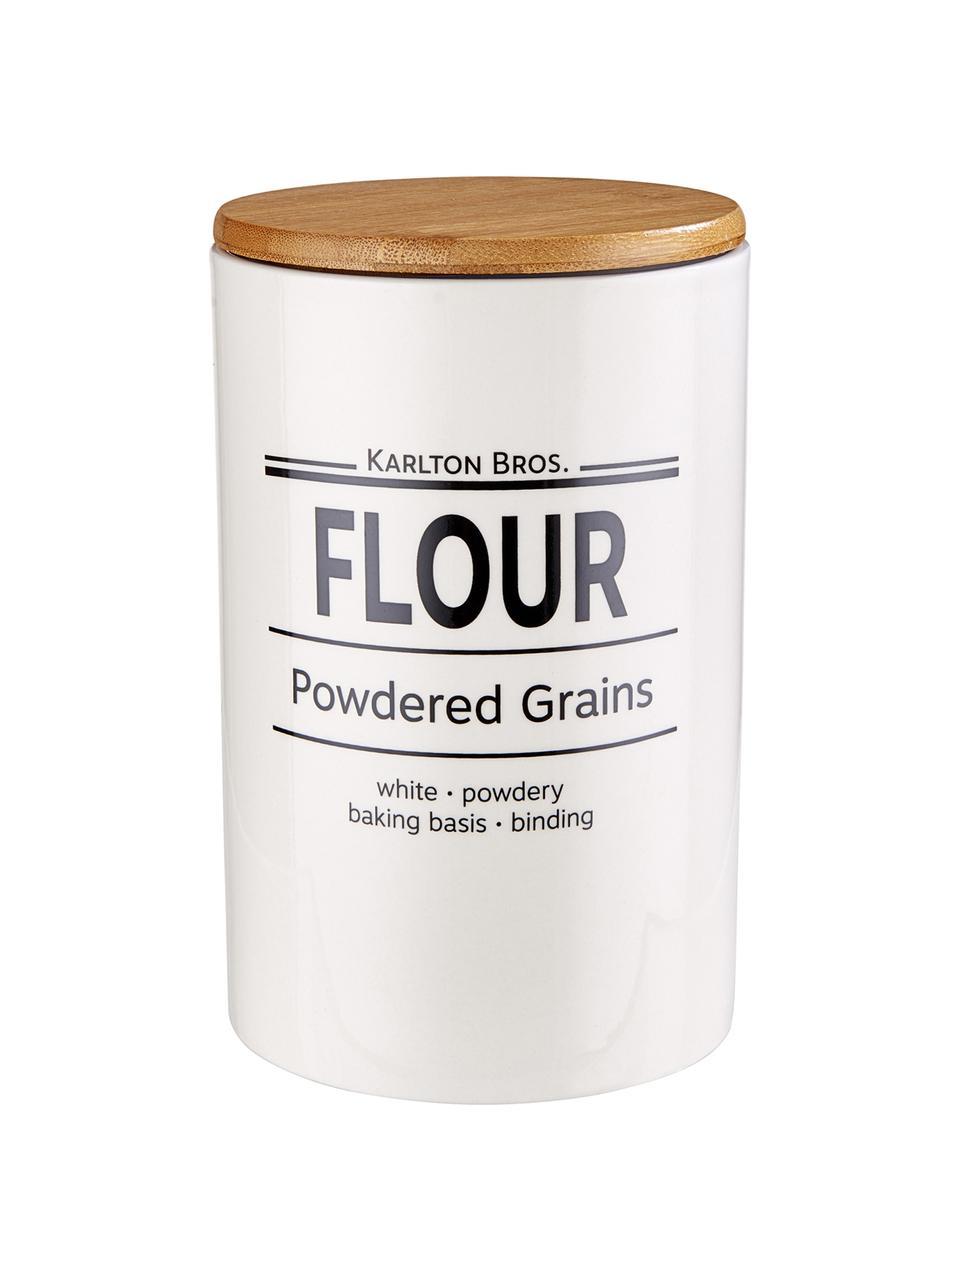 Aufbewahrungsdose Karlton Bros. Flour, Ø 11 x H 18 cm, Porzellan, Weiß, Schwarz, Braun, Ø 11 x H 18 cm